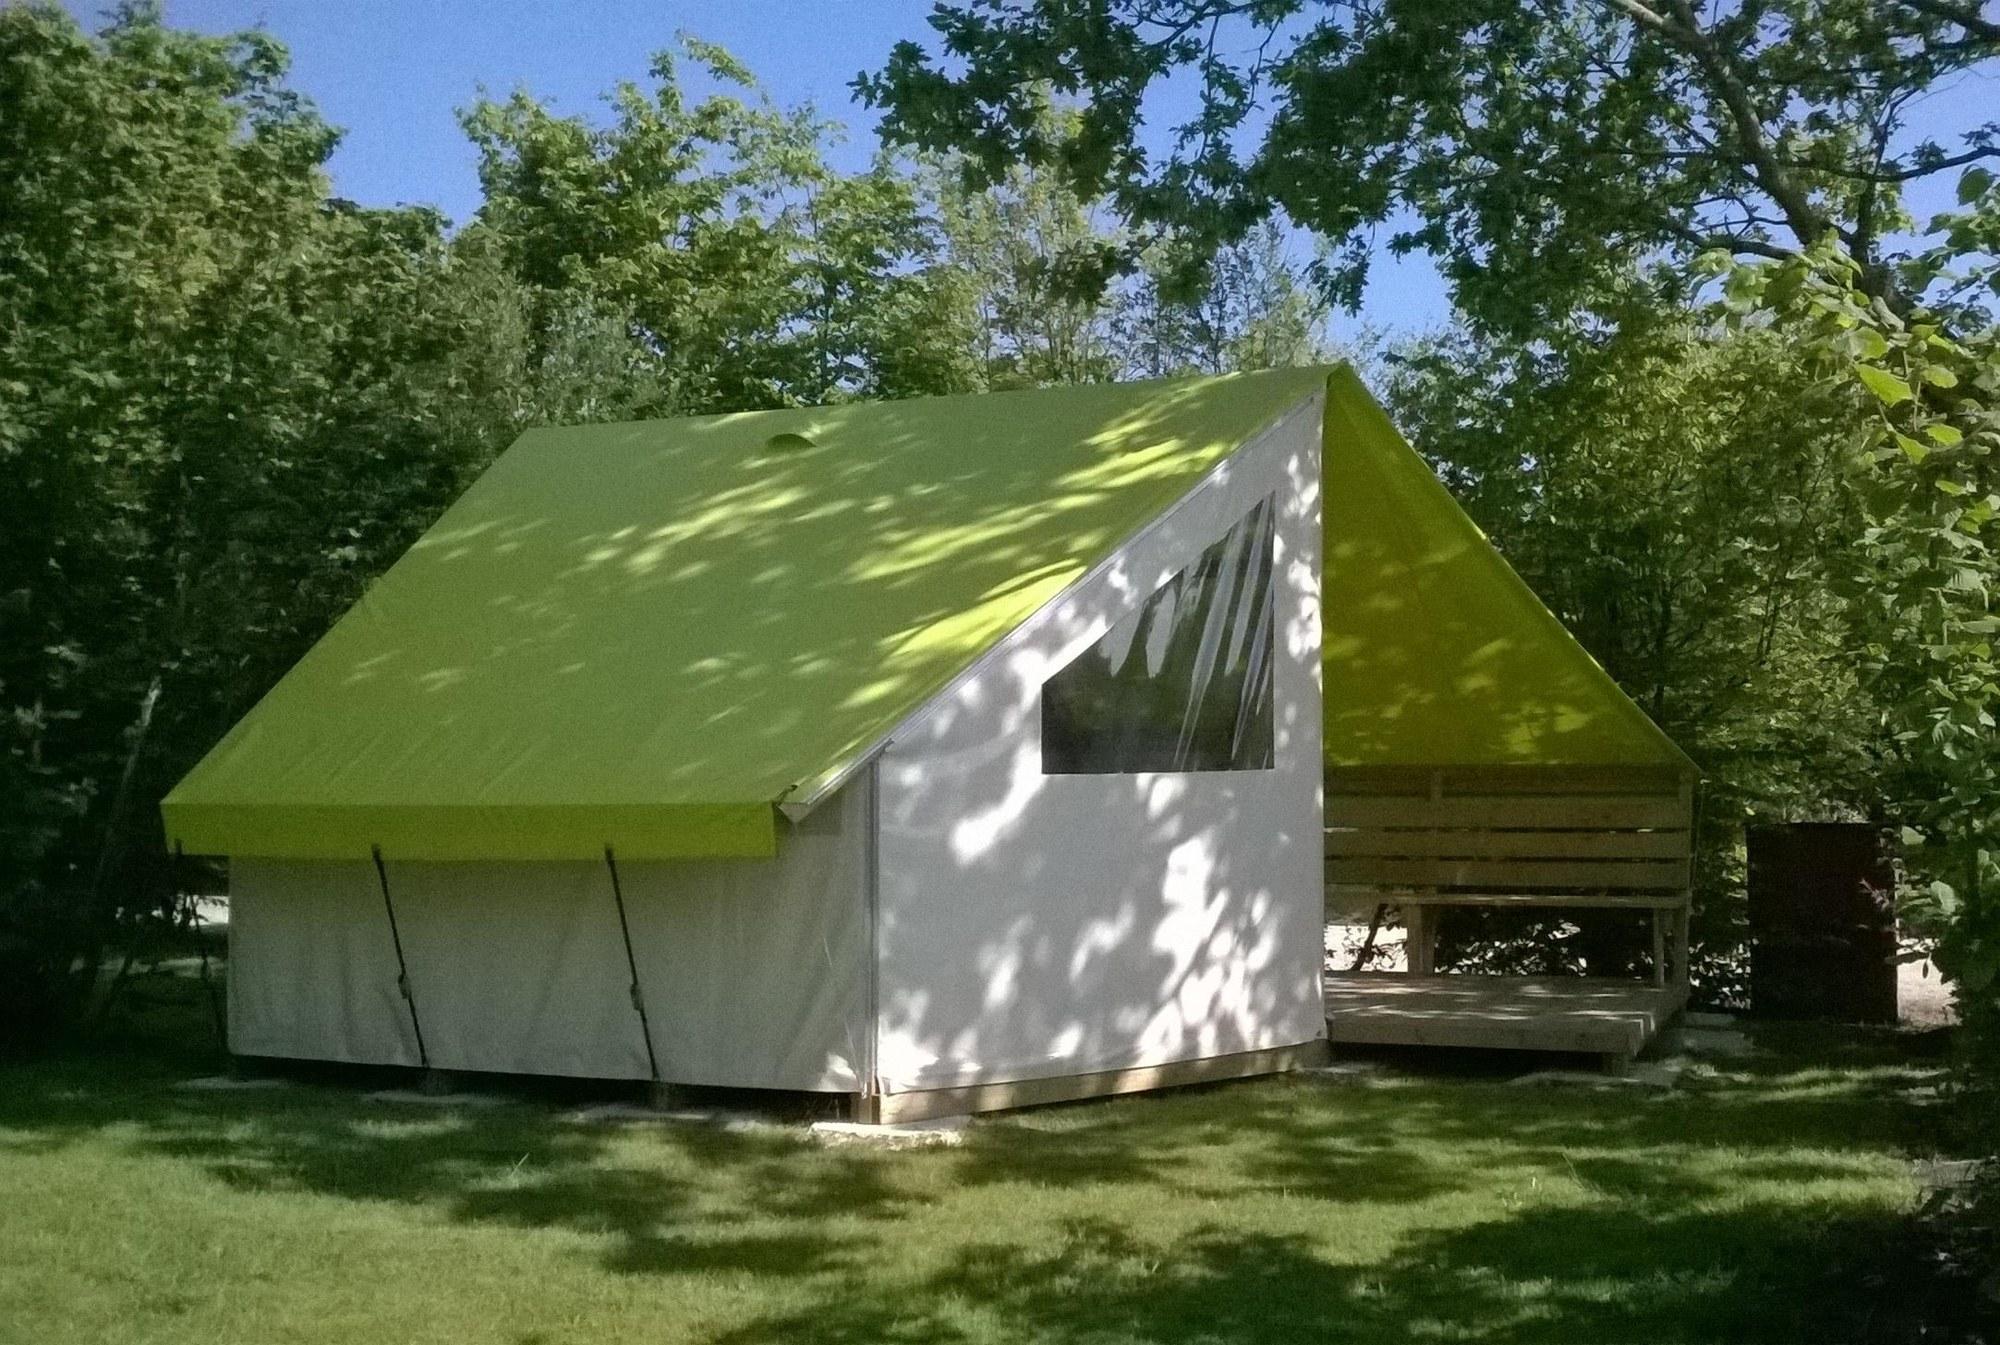 tente toilée sur un emplacement ombragé au camping les charmes en Pays-de-la-Loire